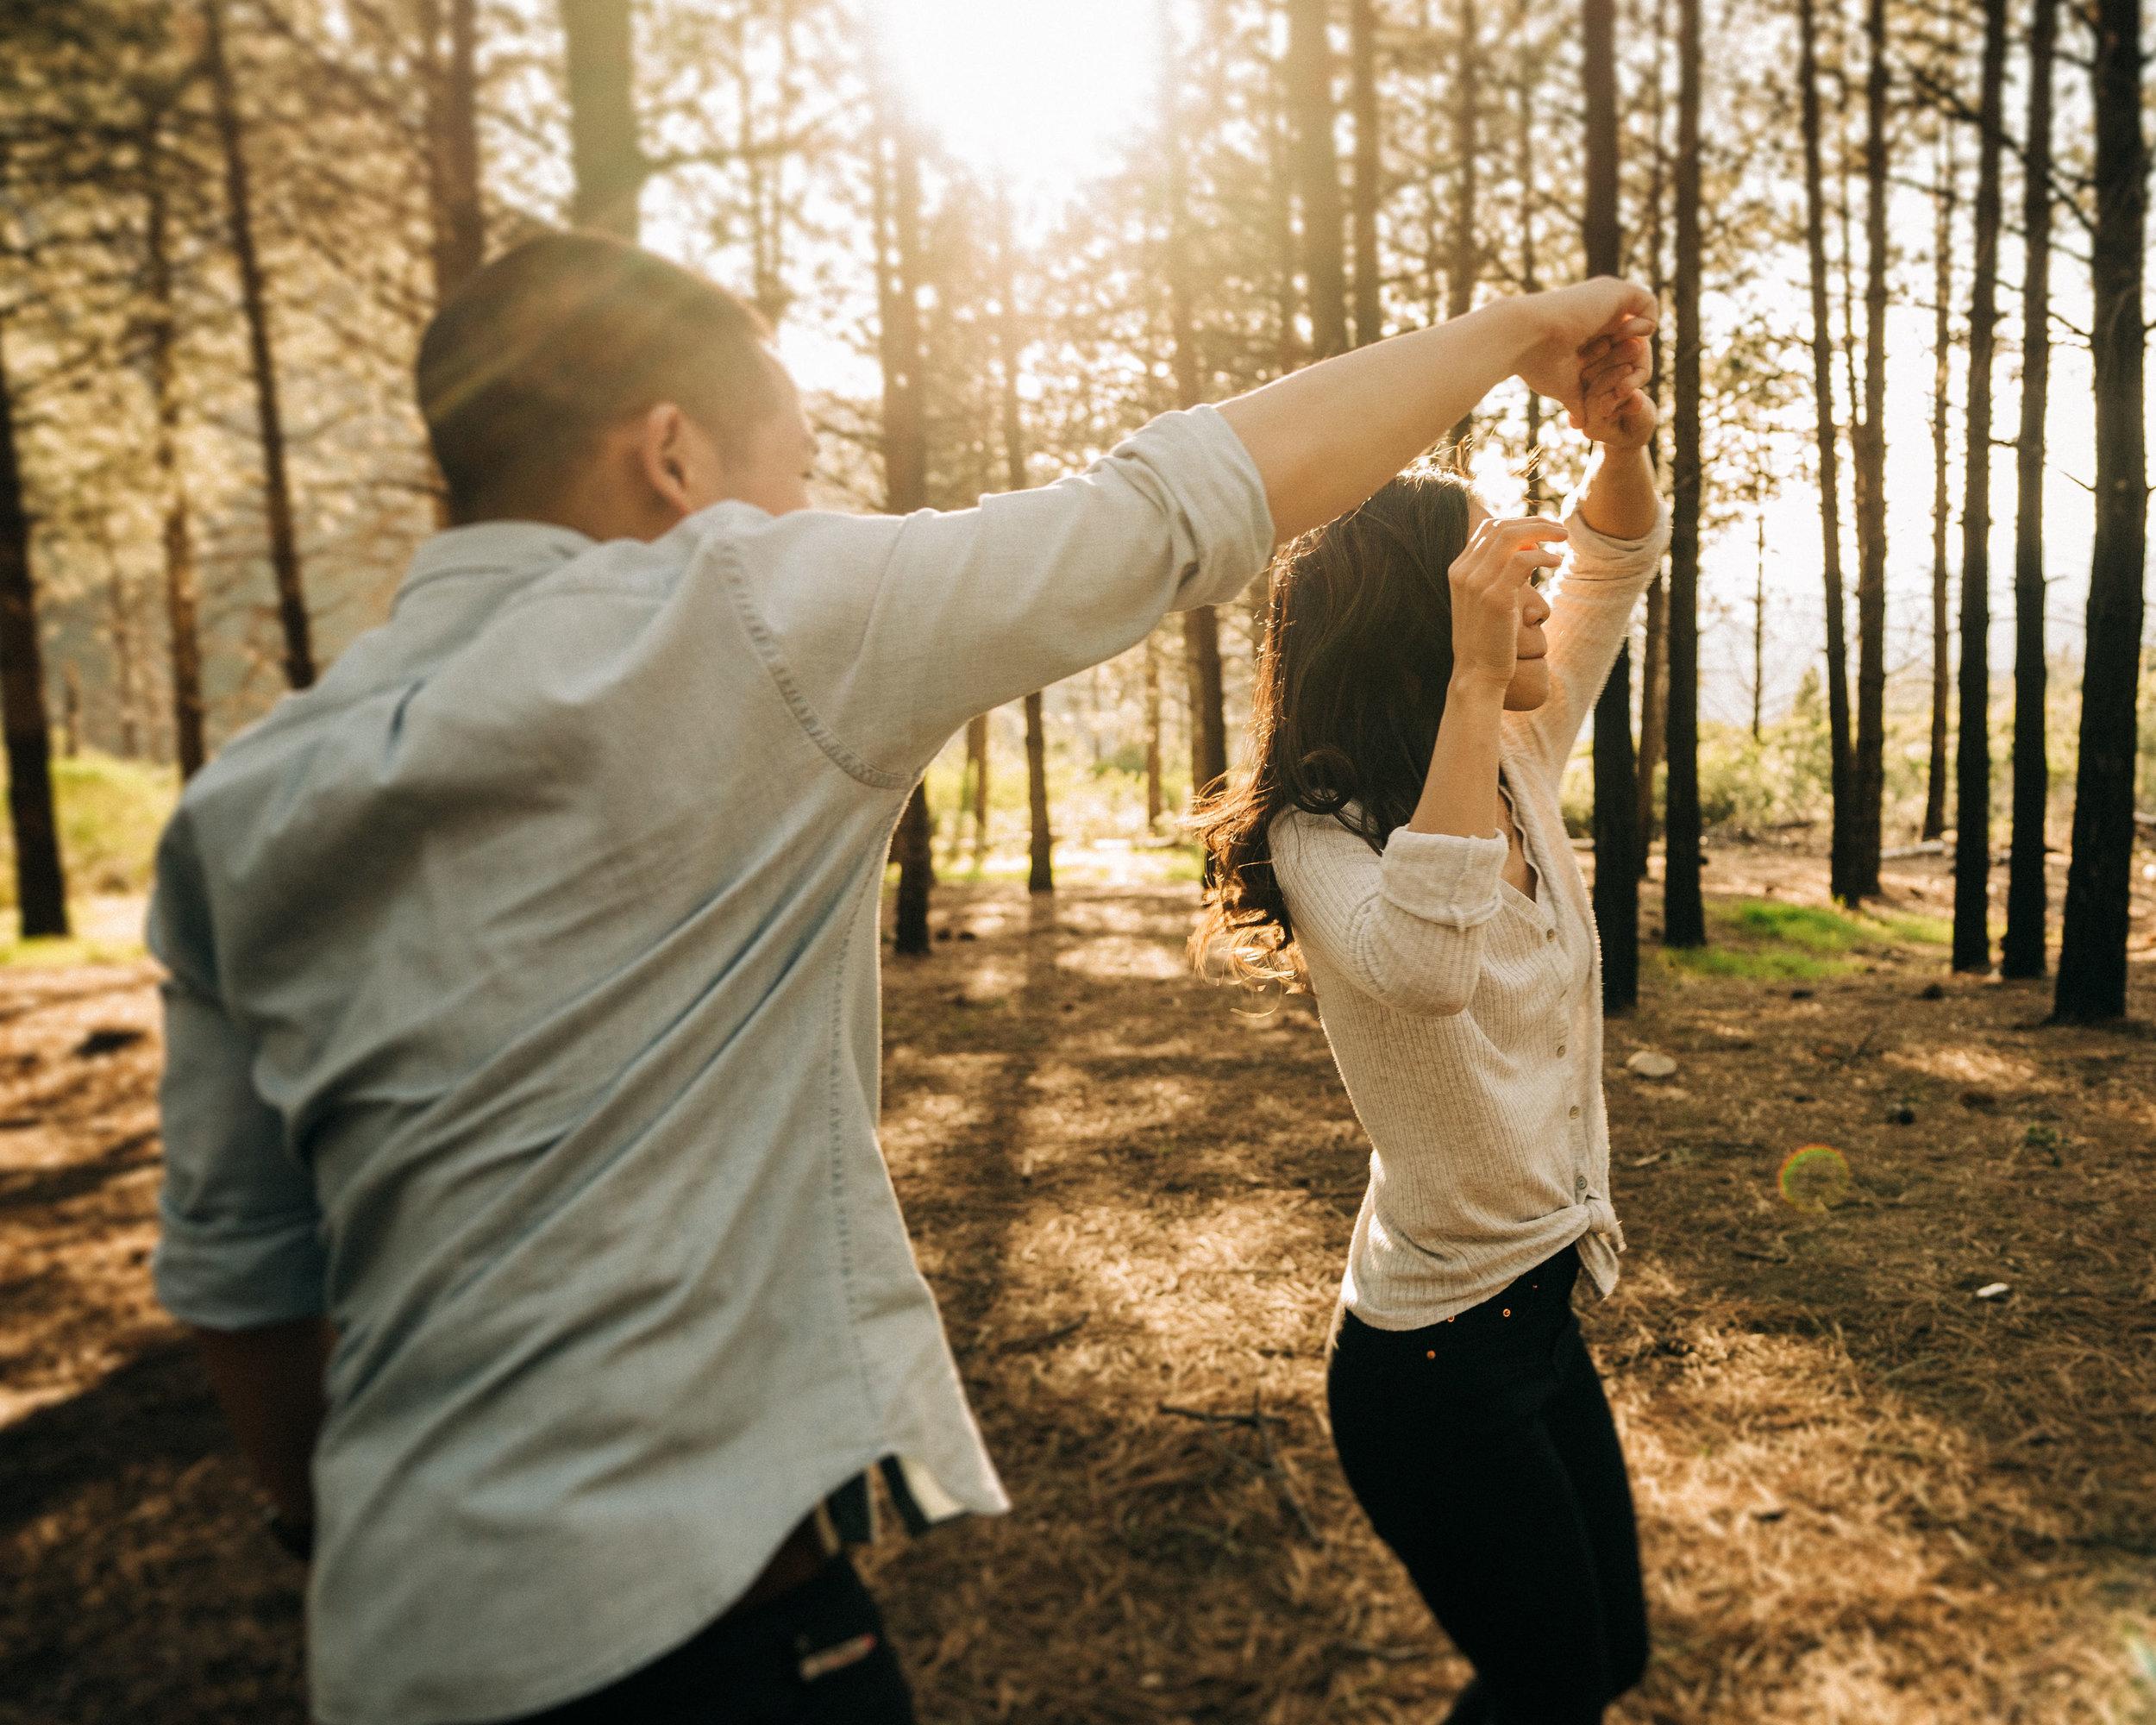 la-forest-engagement-photos-050.jpg